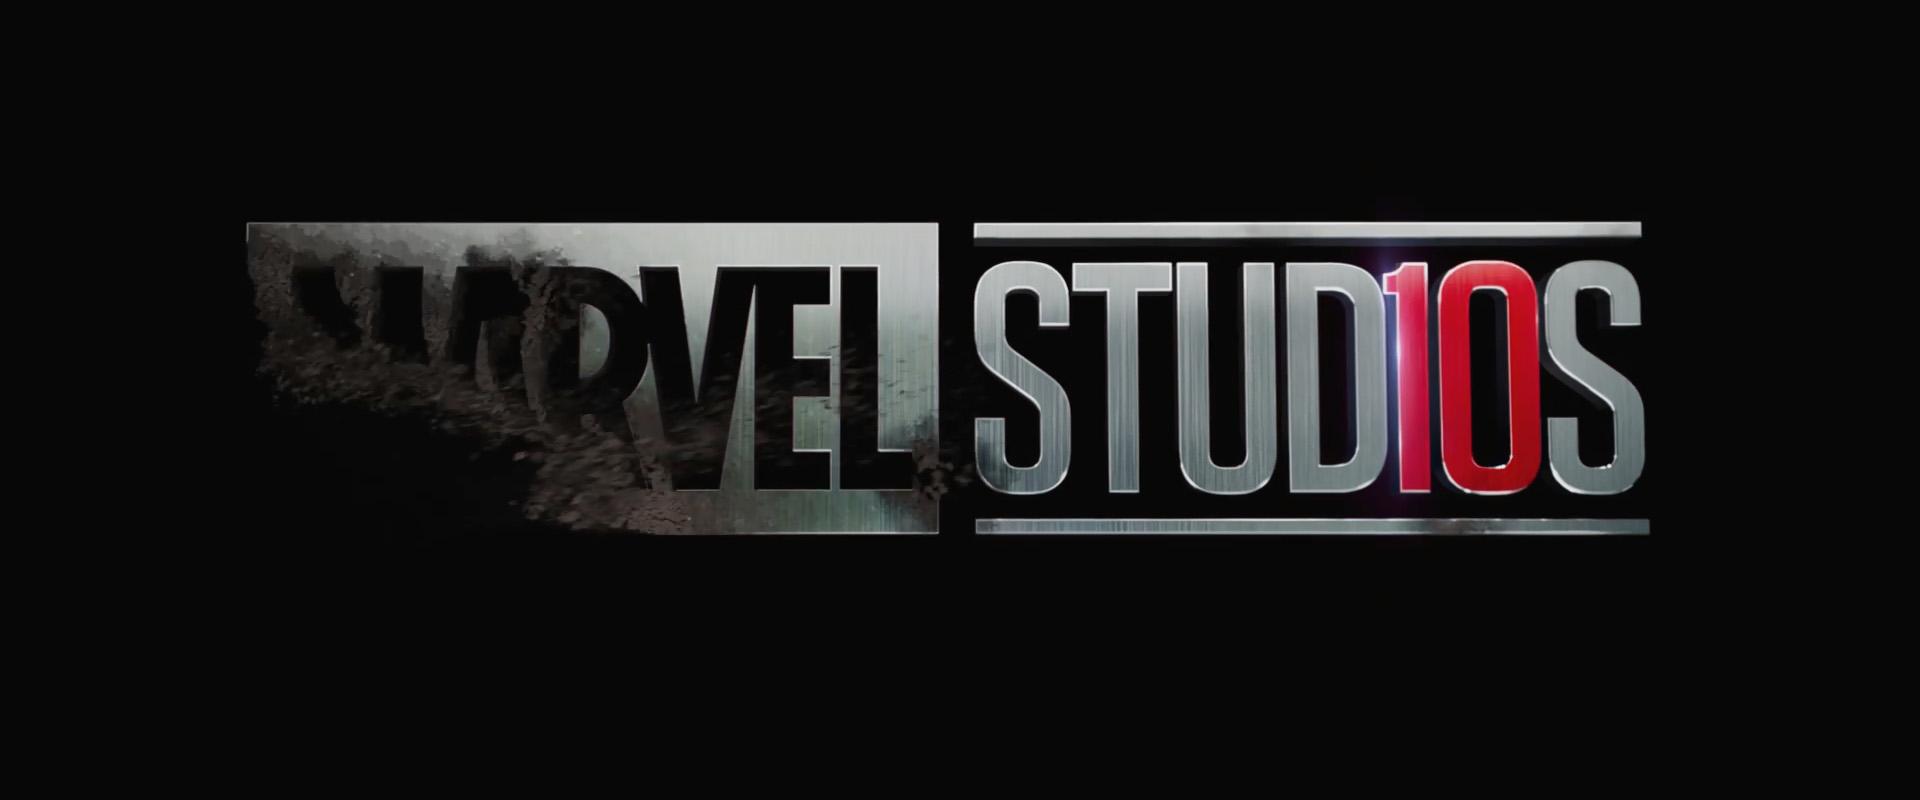 Avengers Endgame Breakdown - Marvel Studios Logo Disintegrating